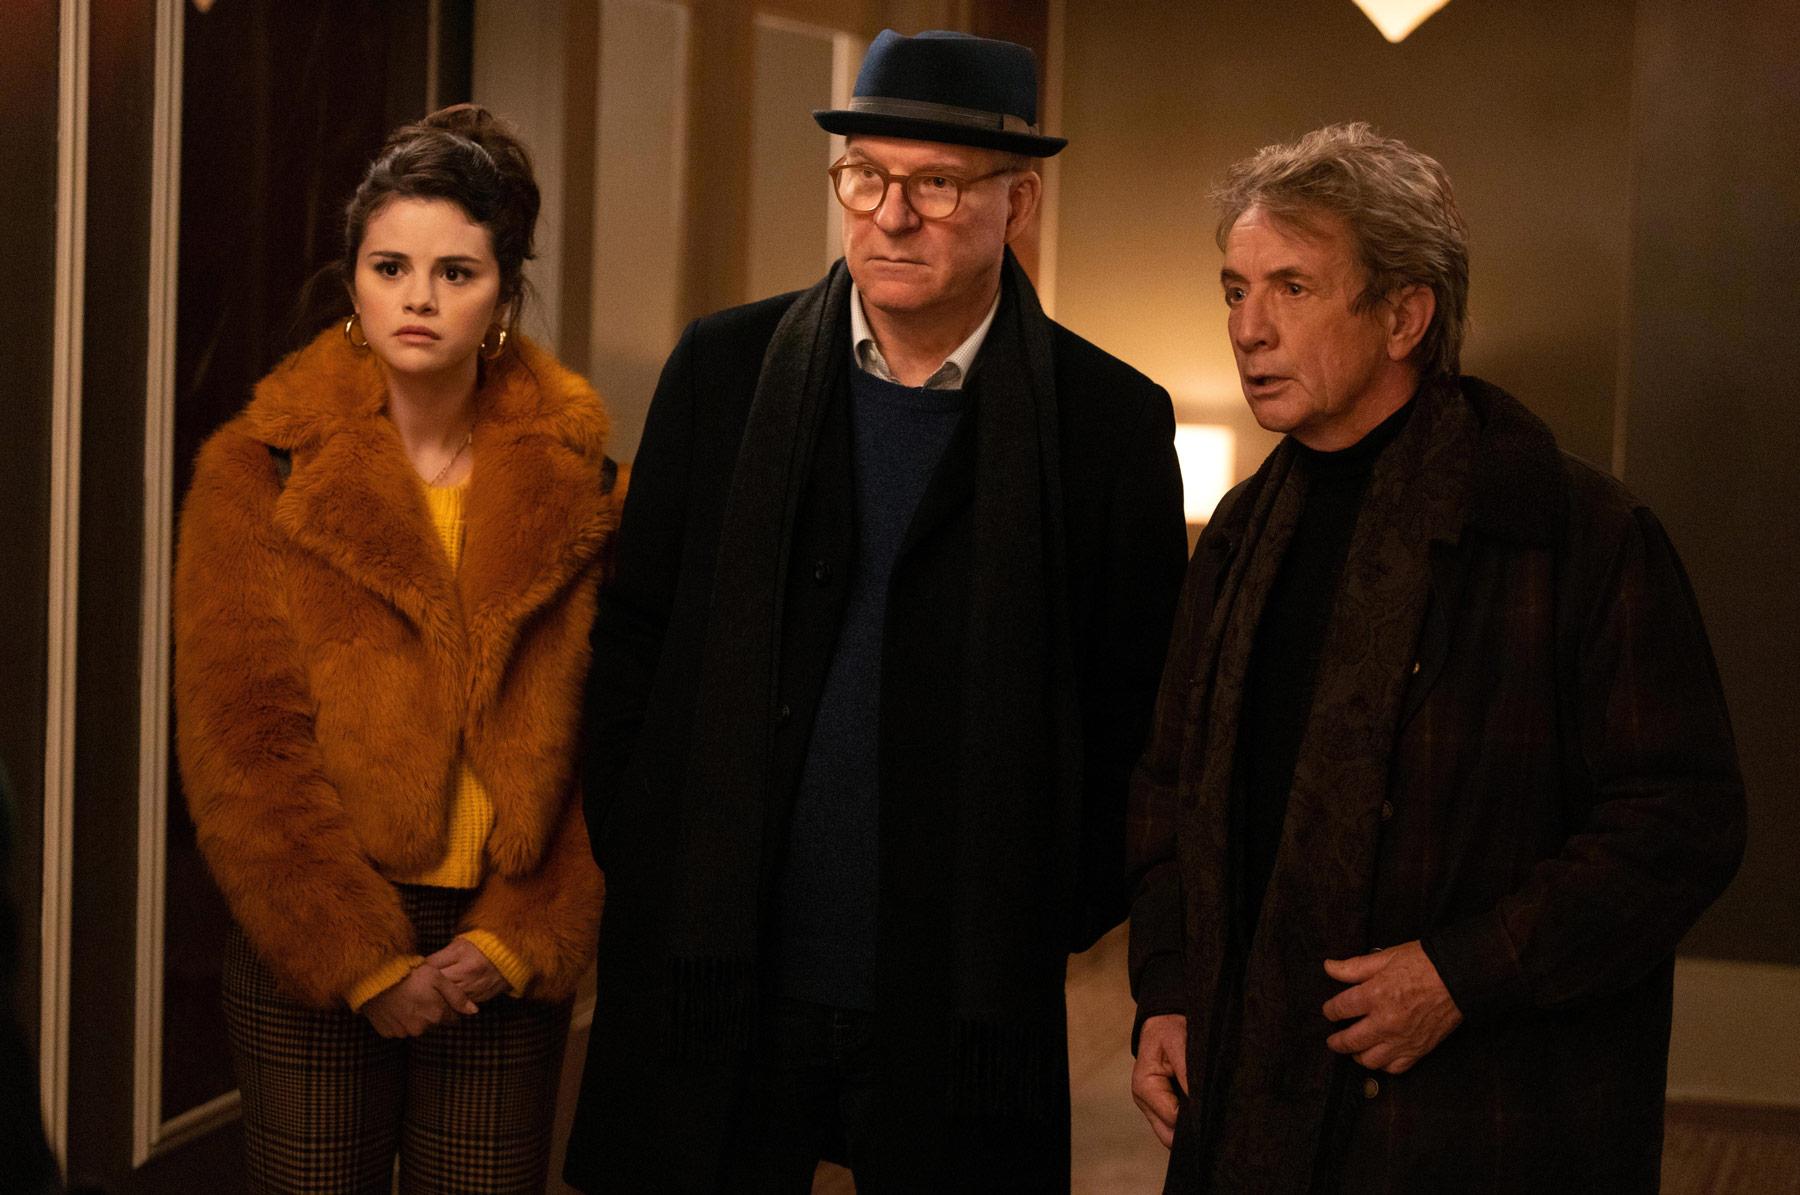 Từ trái qua: Selena Gomez, Steve Martin, Martin Short cùng hợp tác điều tra vụ án bí ẩn trong chung cư